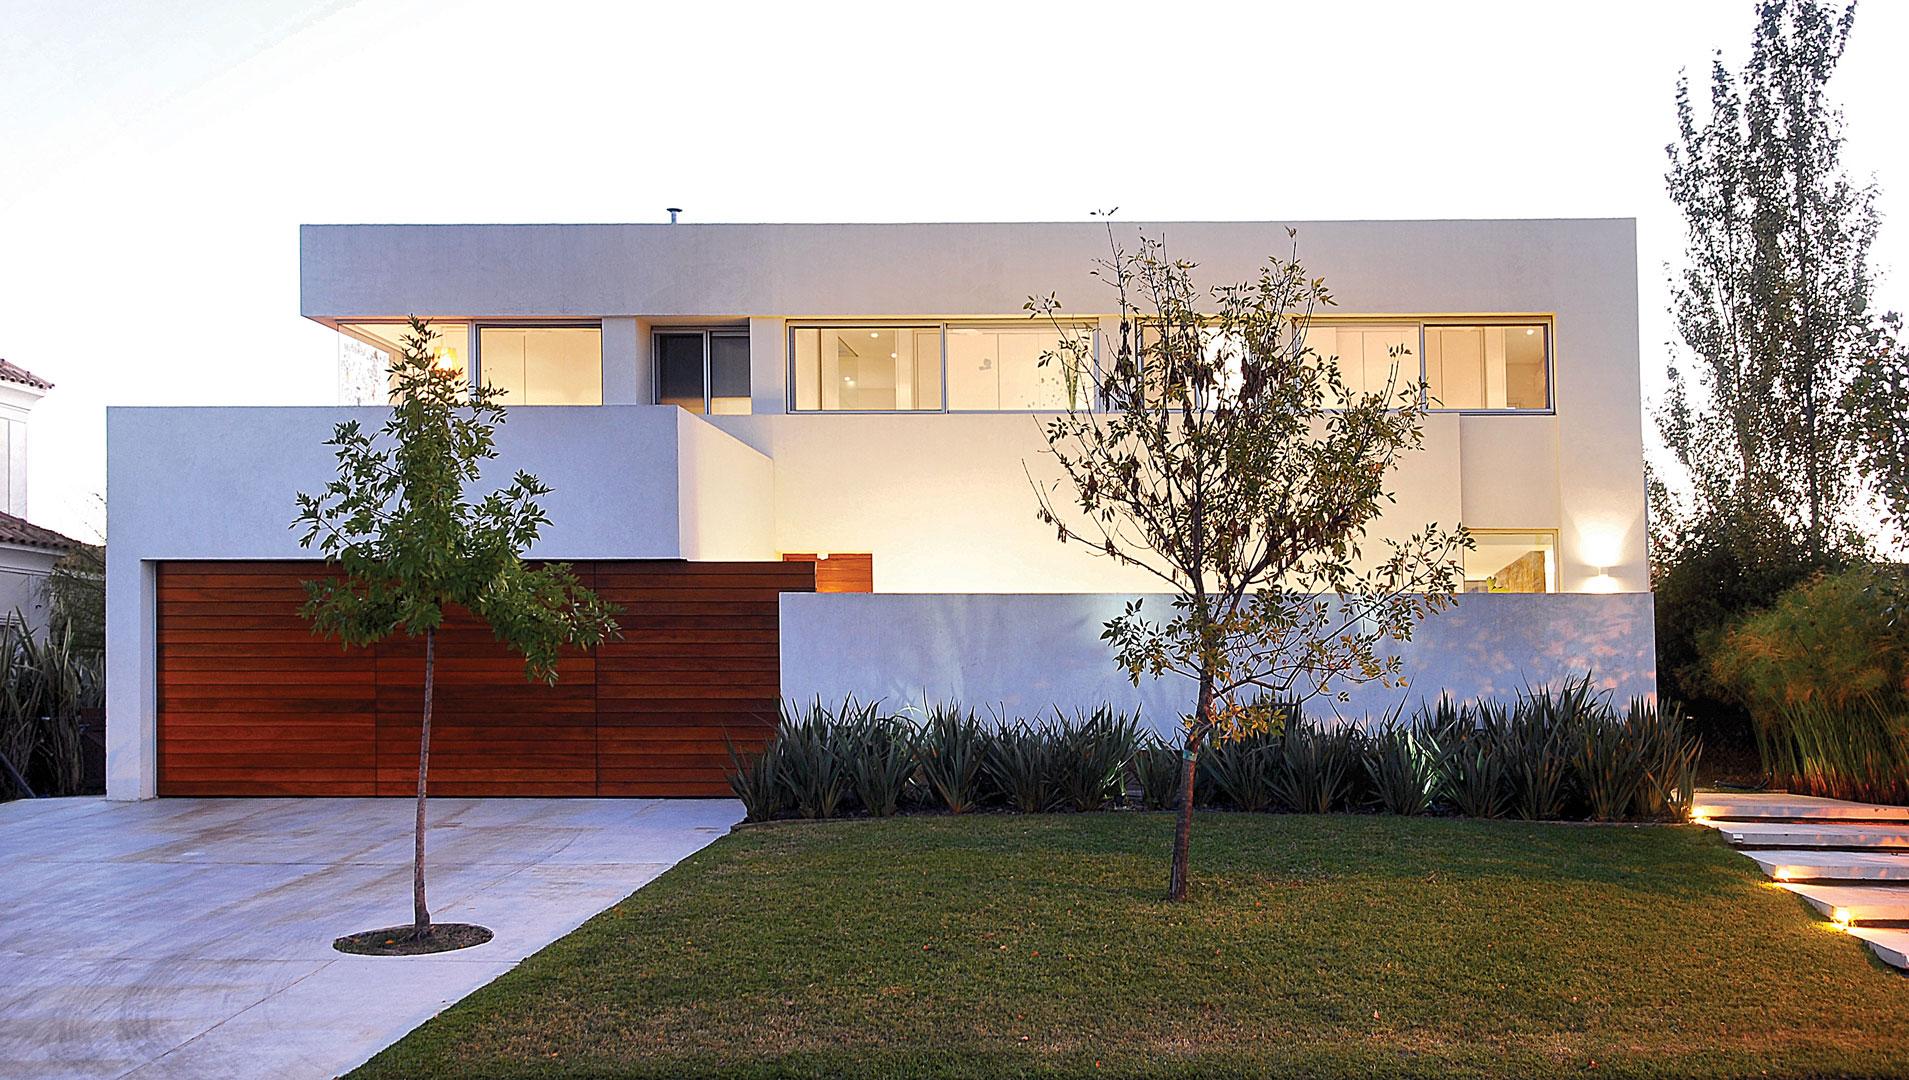 Id estudio de arquitectura casa estilo actual for Casa estudio arquitectura